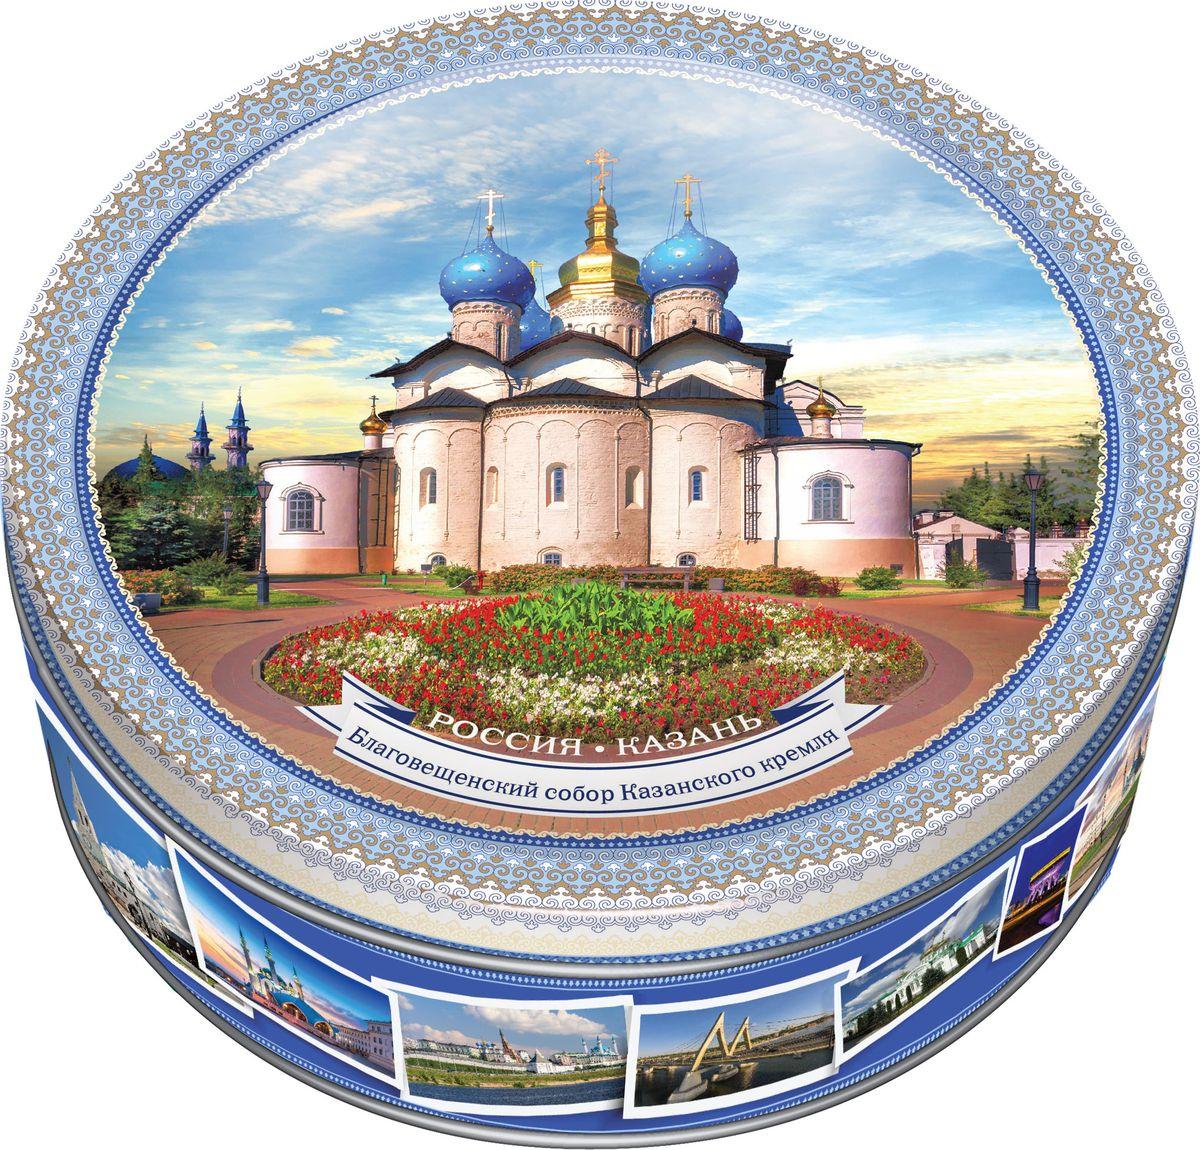 Monte Christo Казань печенье сдобное, 400 г кровати купить в г иваново